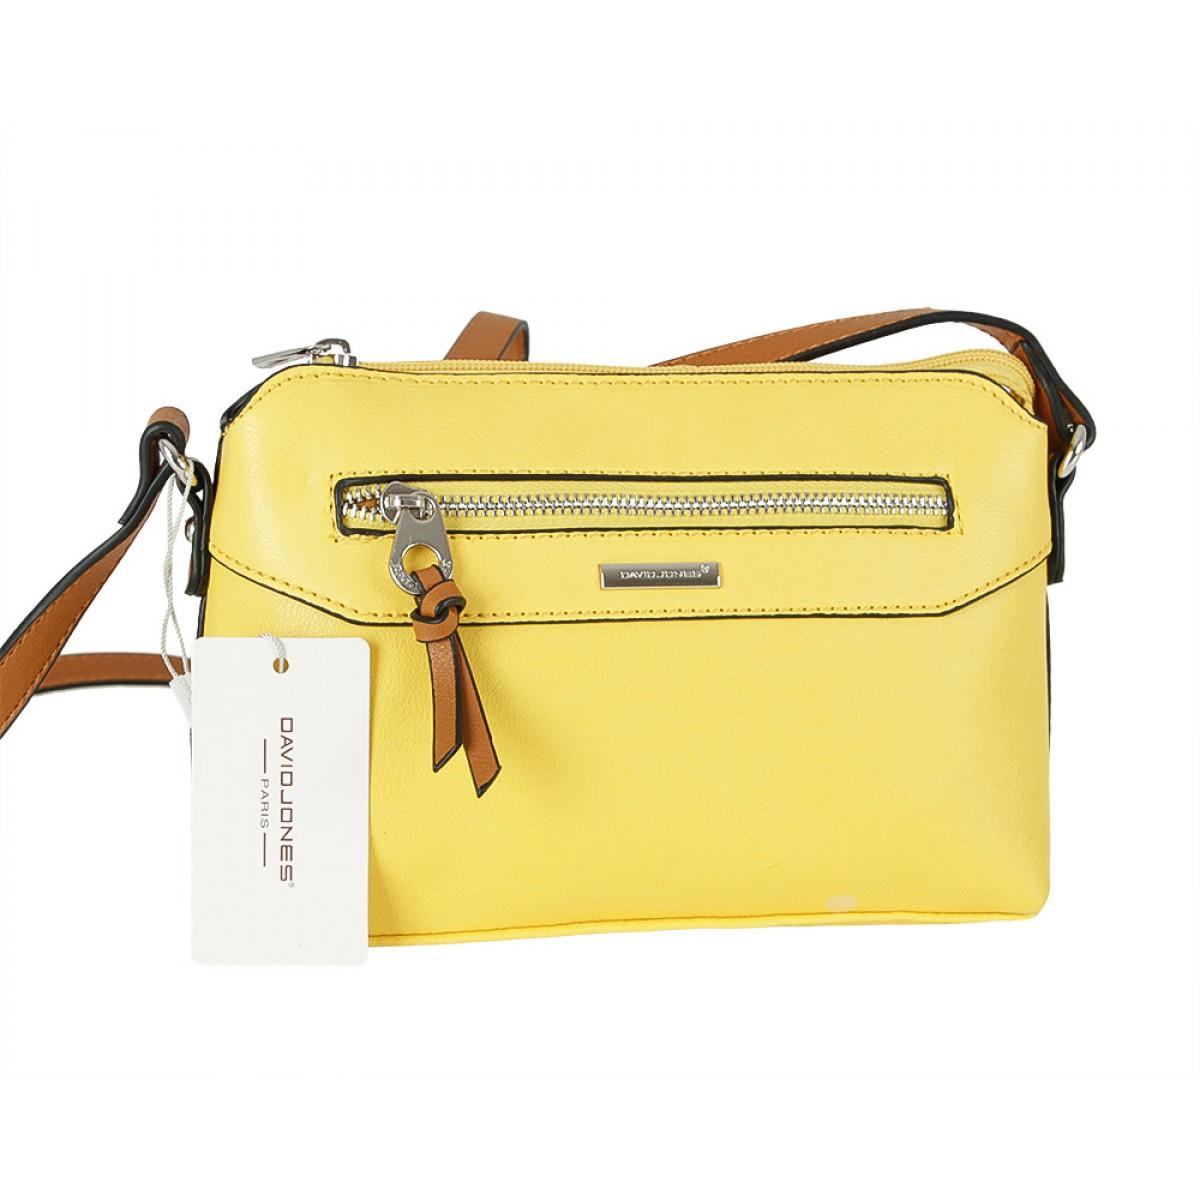 Жіноча сумка David Jones CM5788 YELLOW